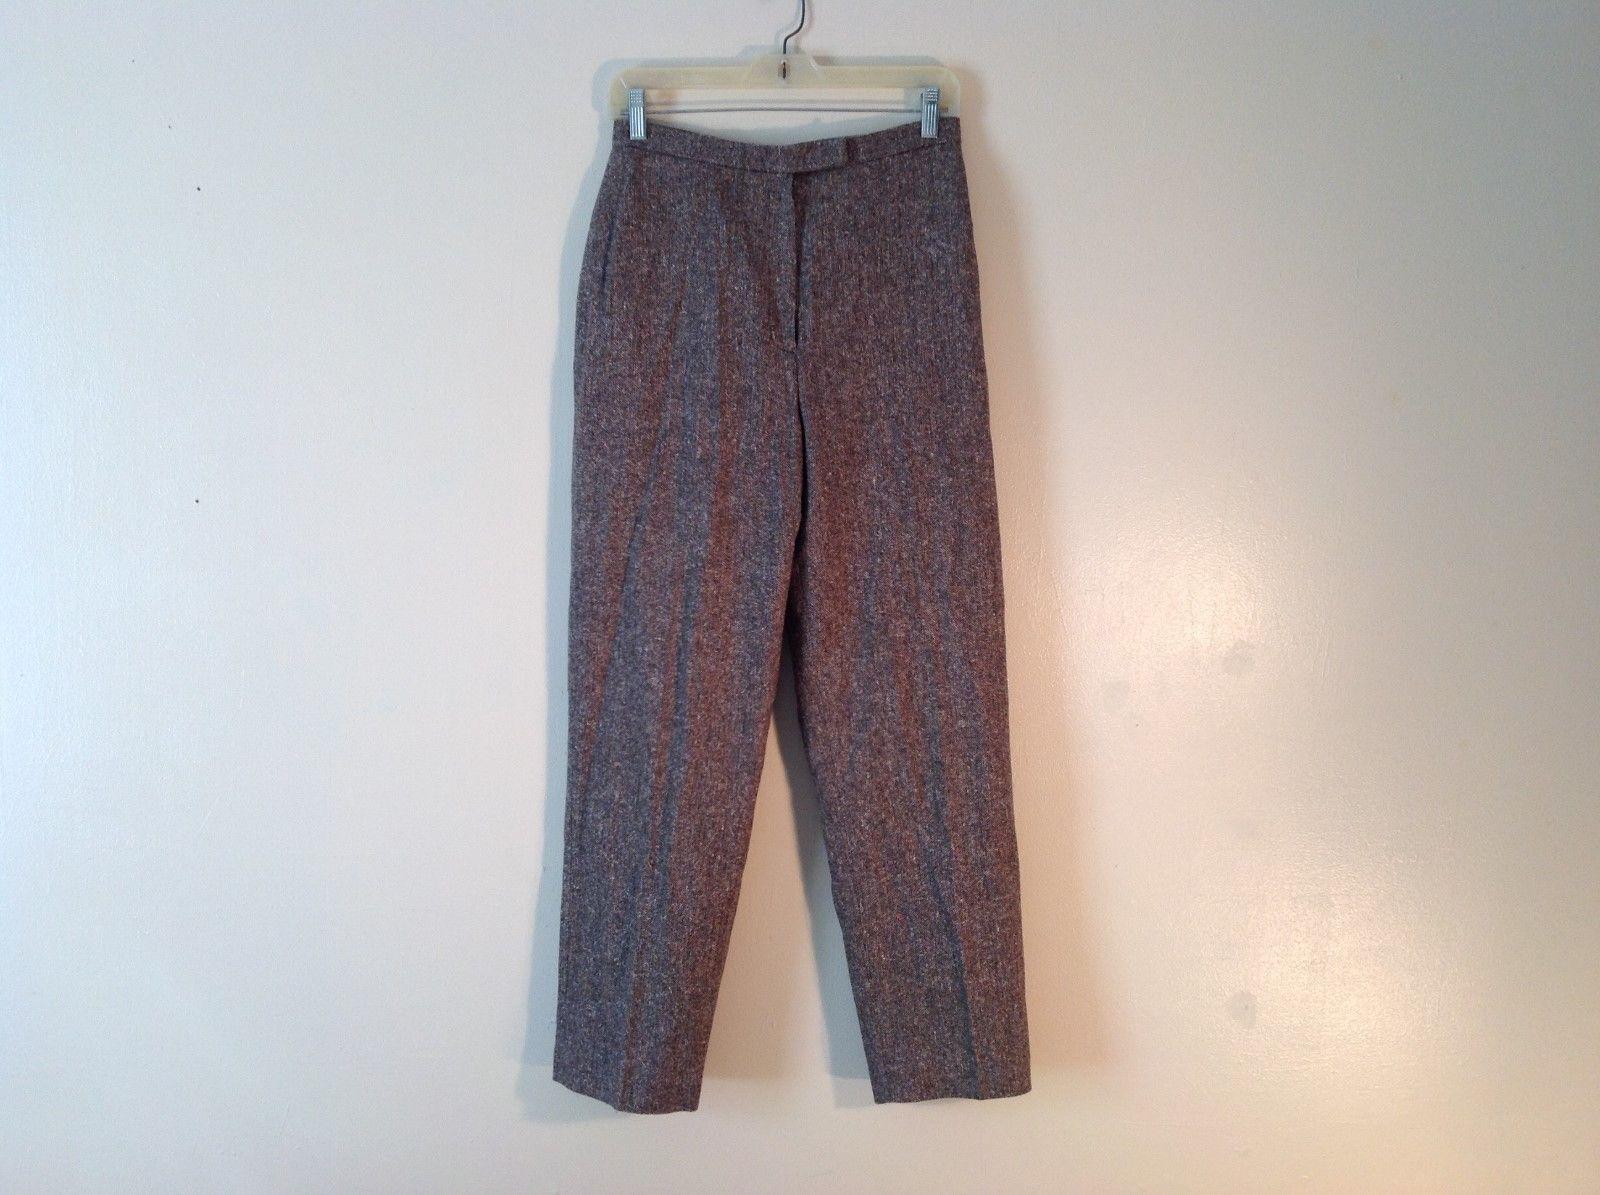 Ladies Charter Club Petite Brown Tweed Pants Size 8P